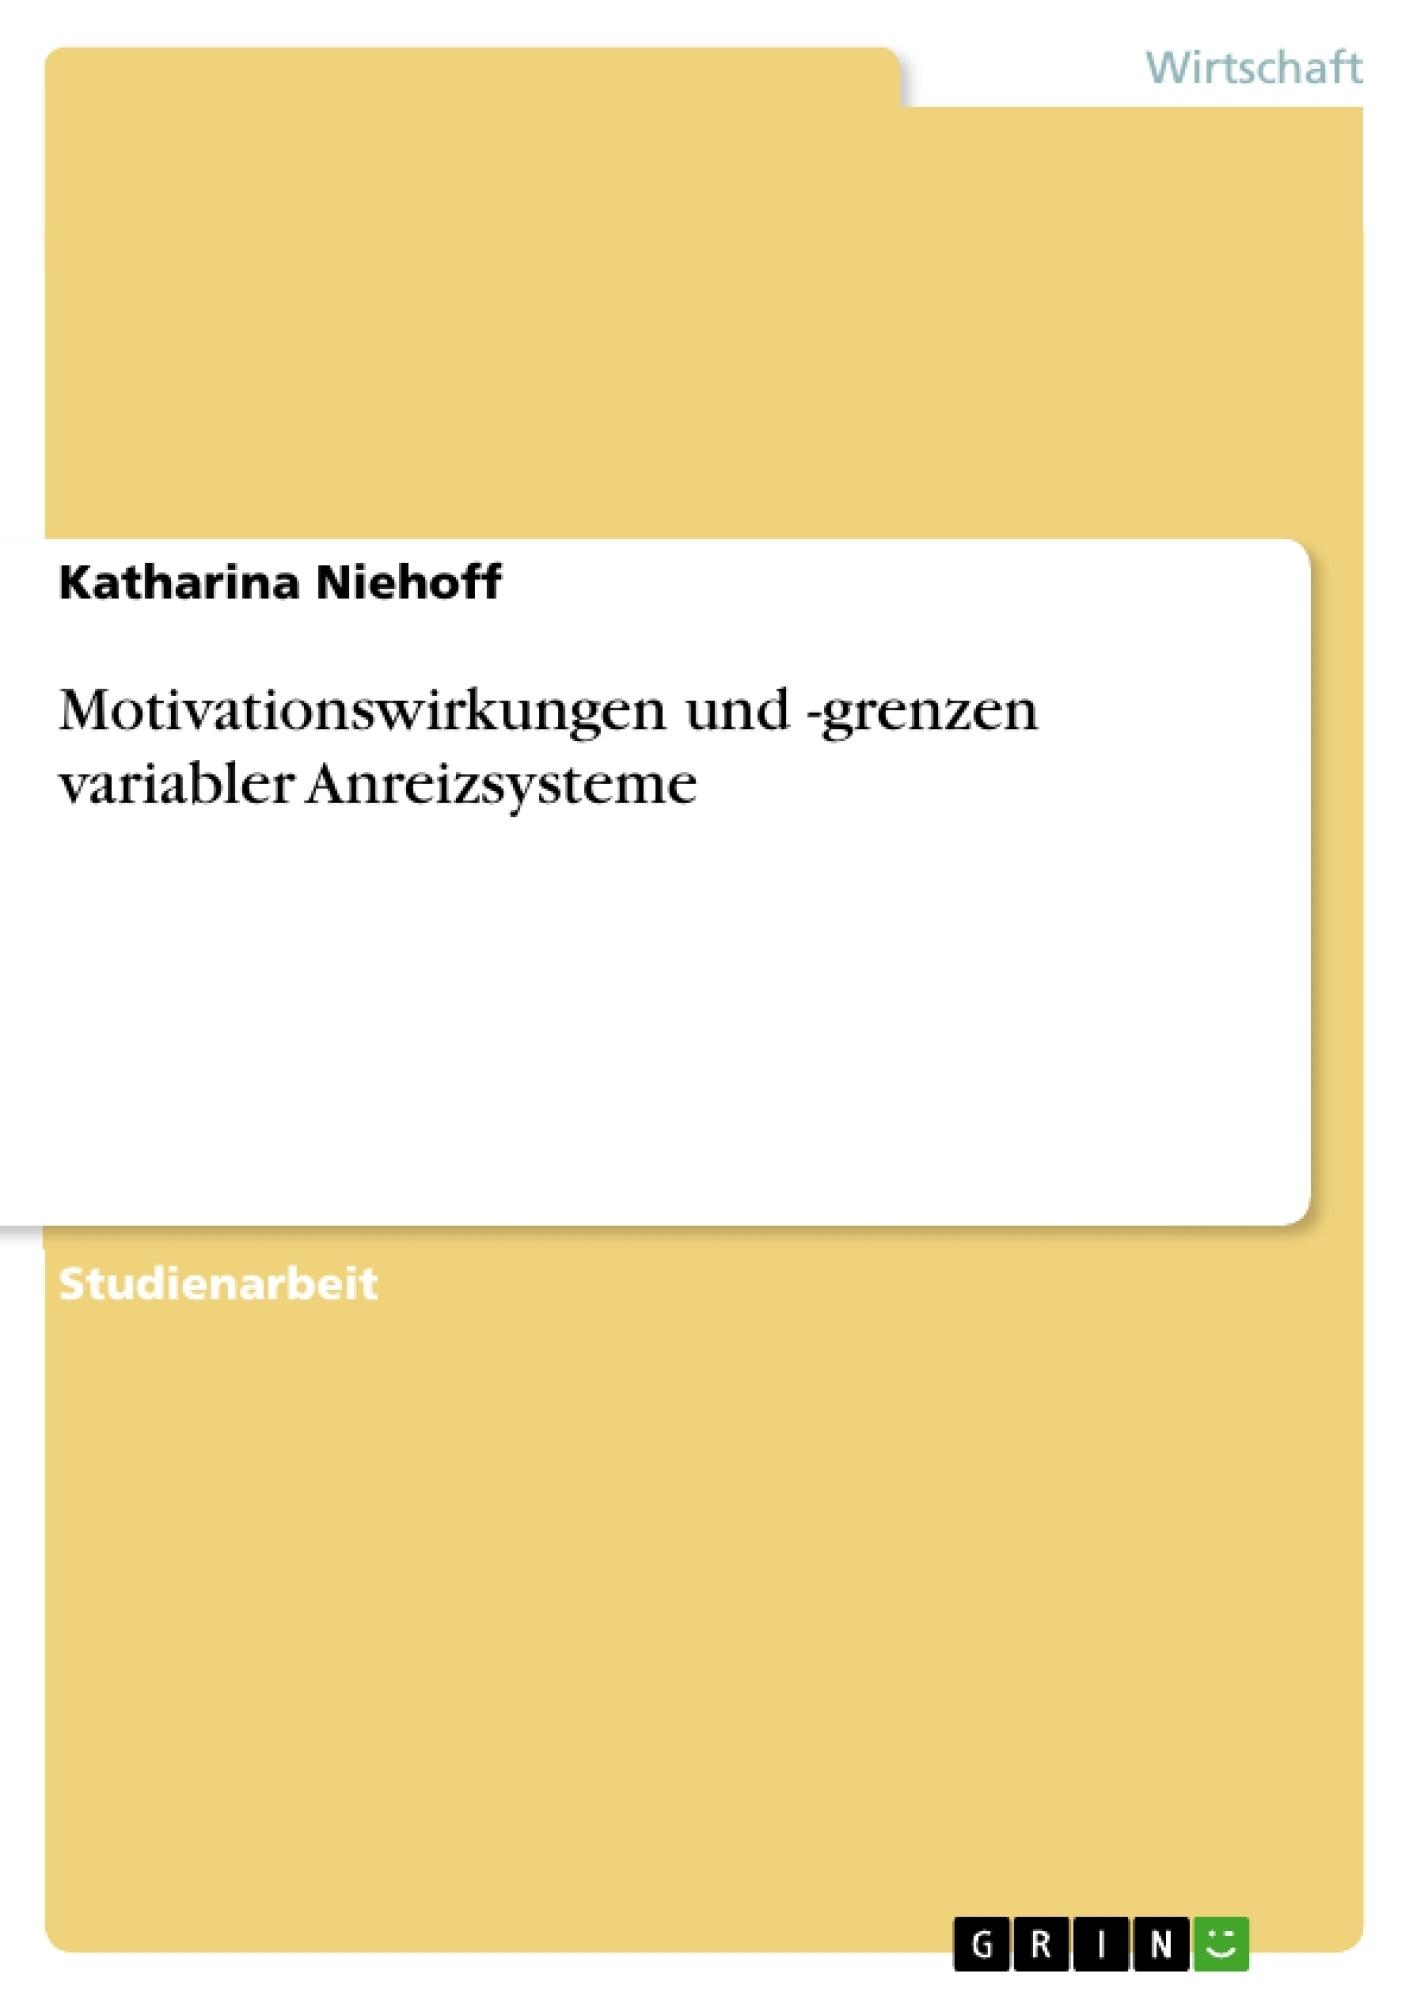 Titel: Motivationswirkungen und -grenzen variabler Anreizsysteme